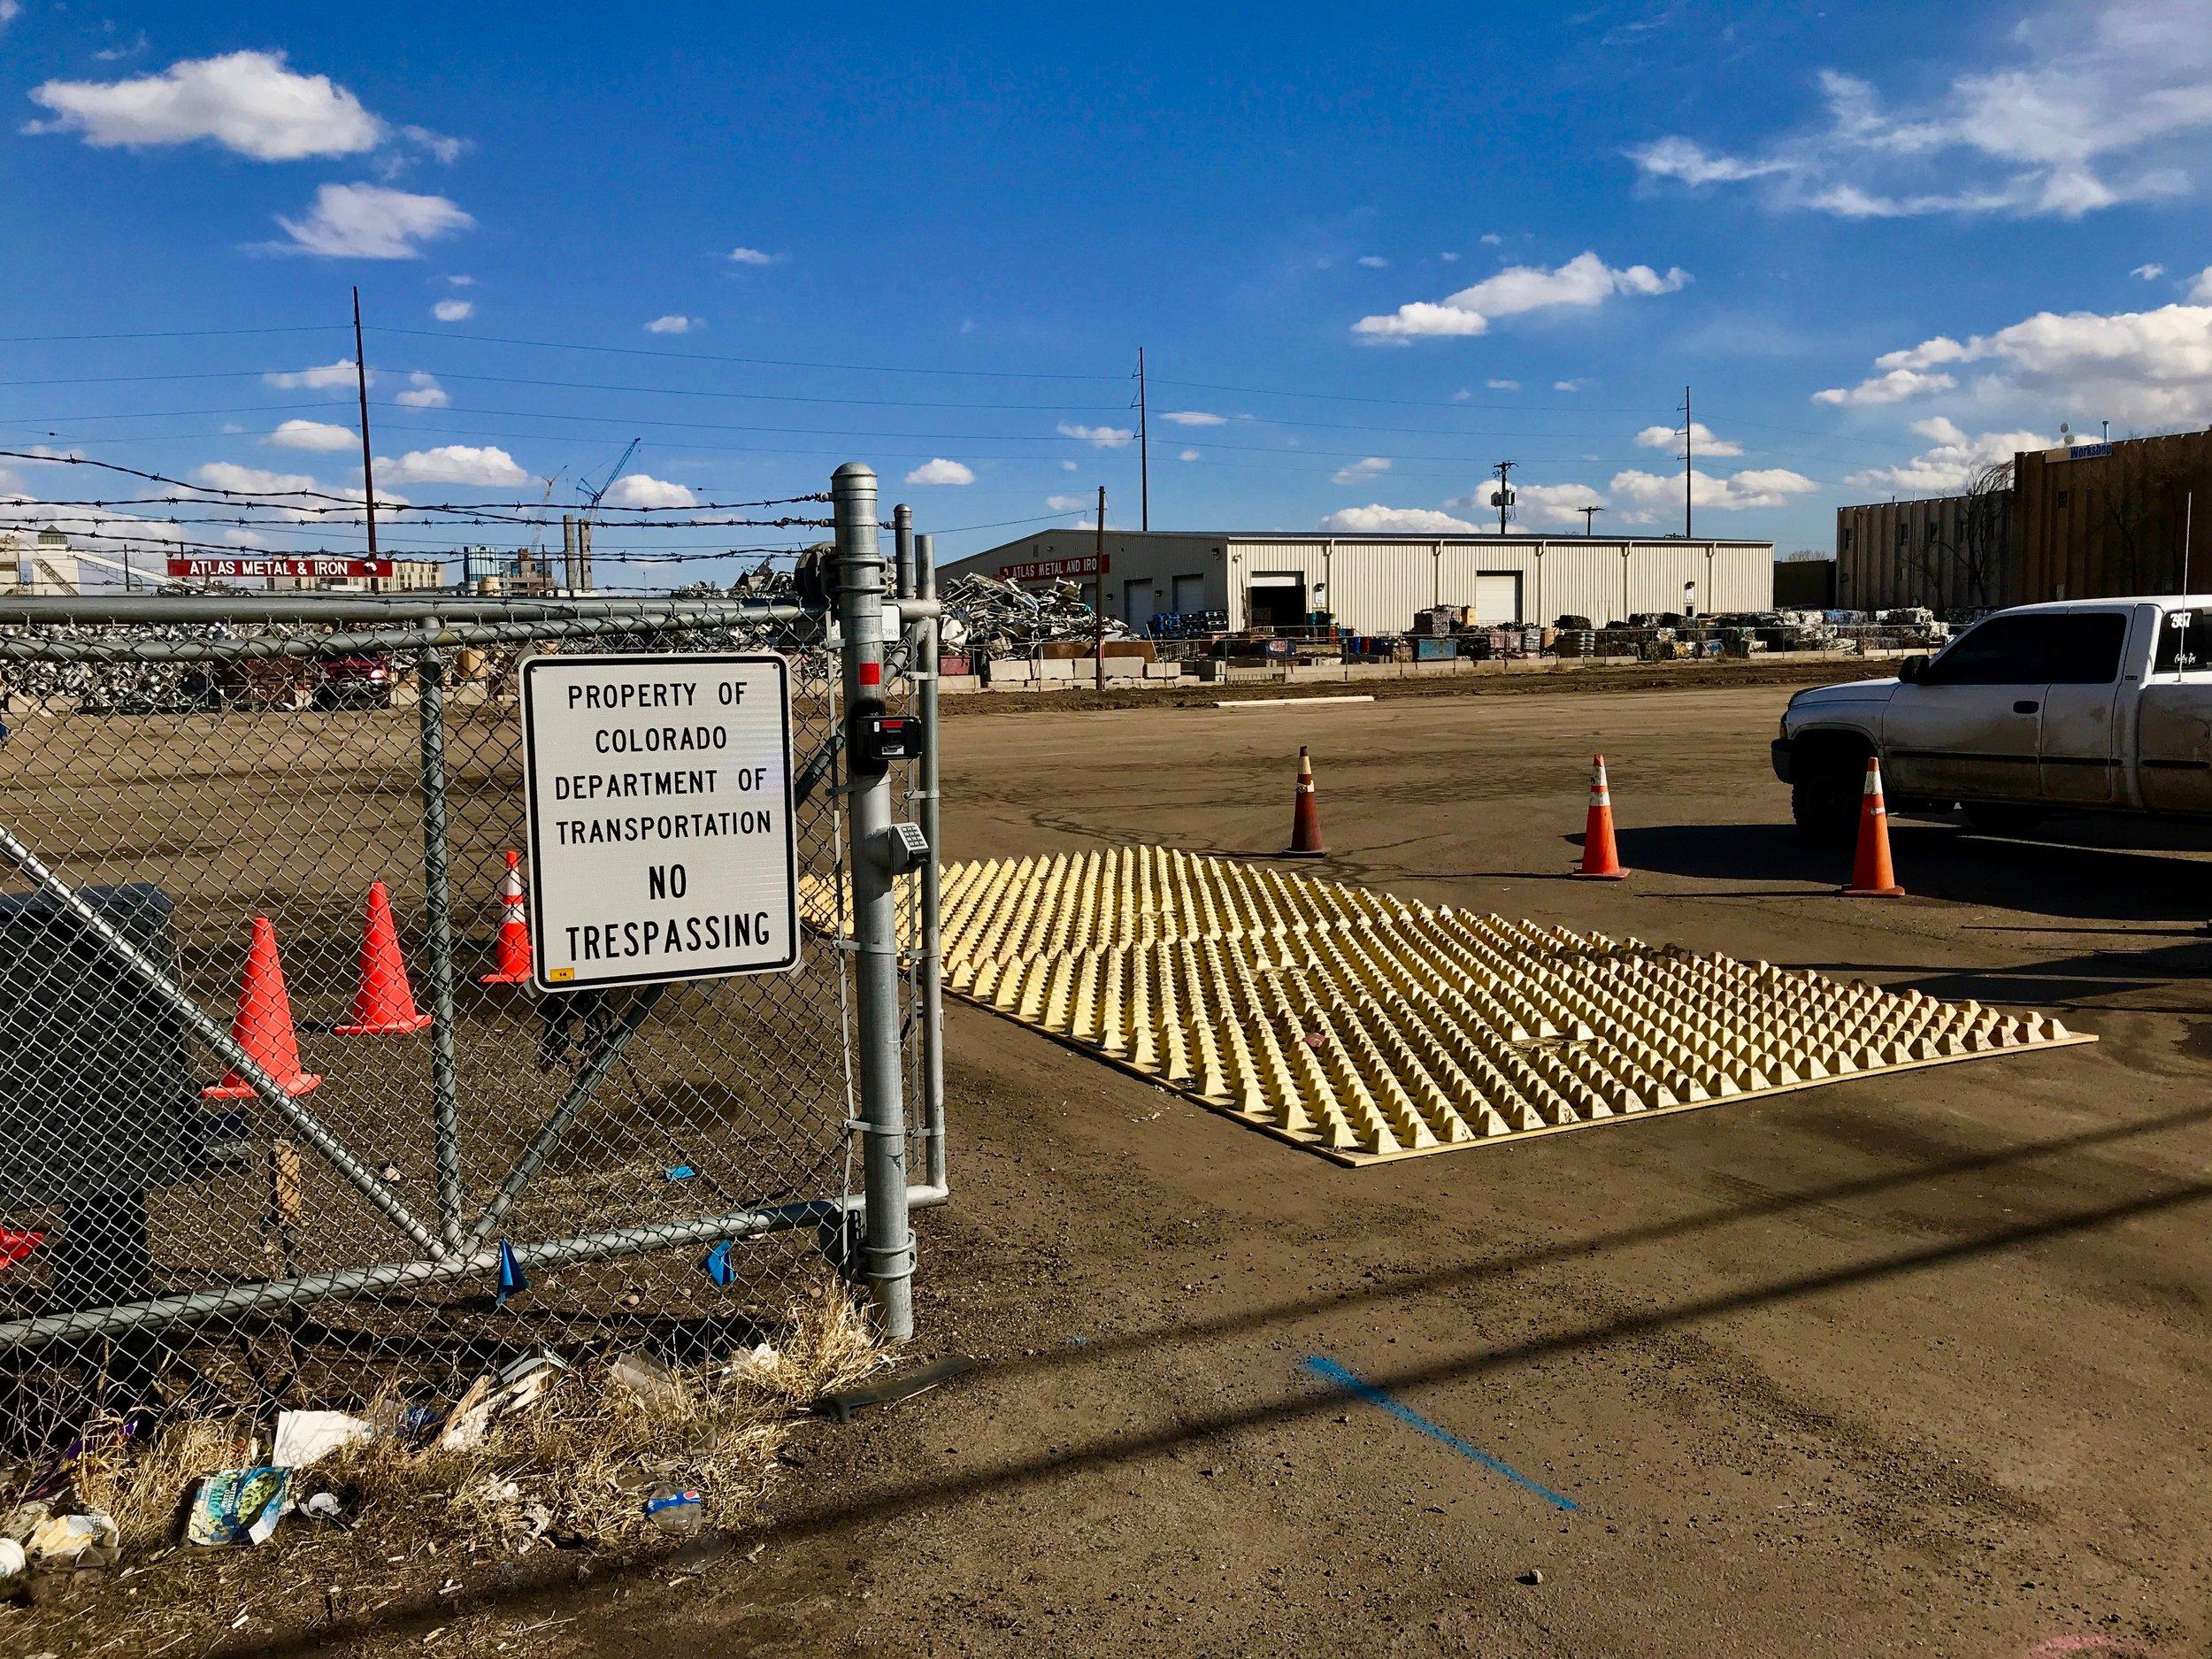 FODS_STABILIZED_CONSTRUCTION_ENTRANCE_rock-less_construction_entrance_track_out_control_Vehicle_Trackout_Control_Vehicle_Track-out_Control_VTC_rip-rap_CDOT_construction_entrance_Colorado_Construction_entrance_asphalt_5.jpg